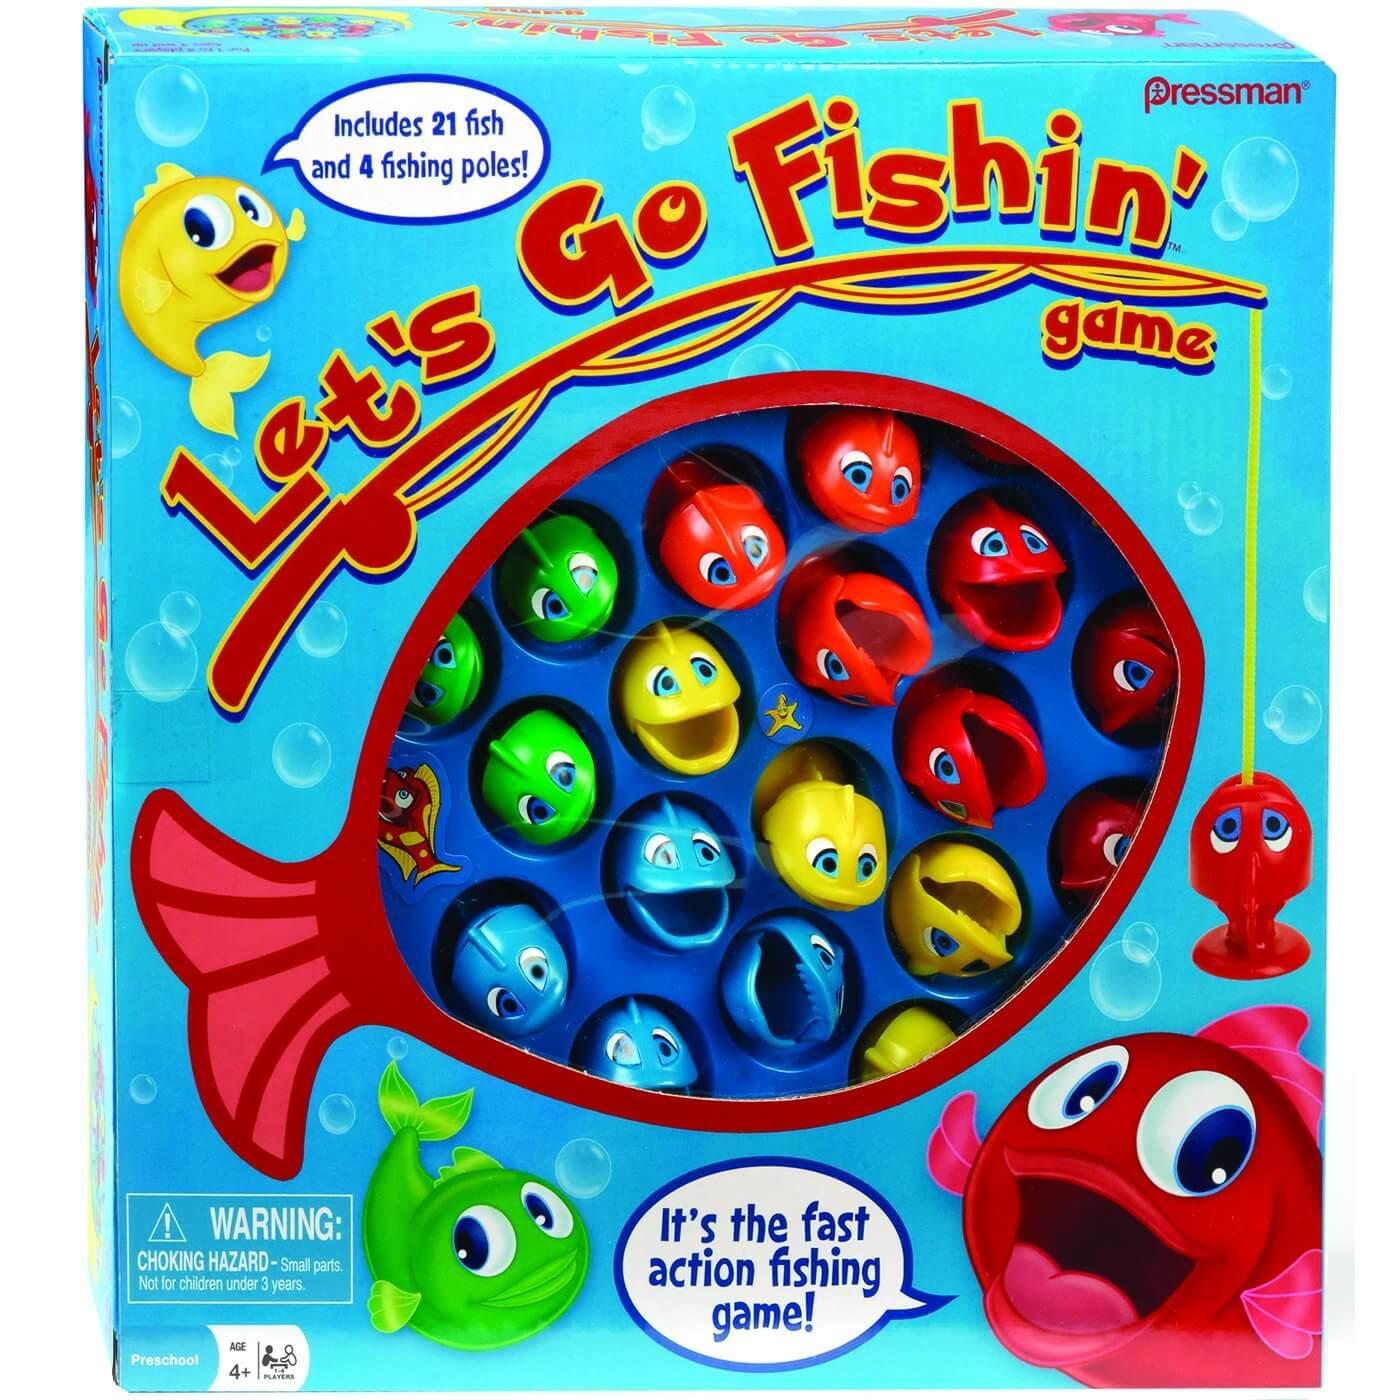 81OxOsQkGTL. SL1400  - Let's Go Fishin'